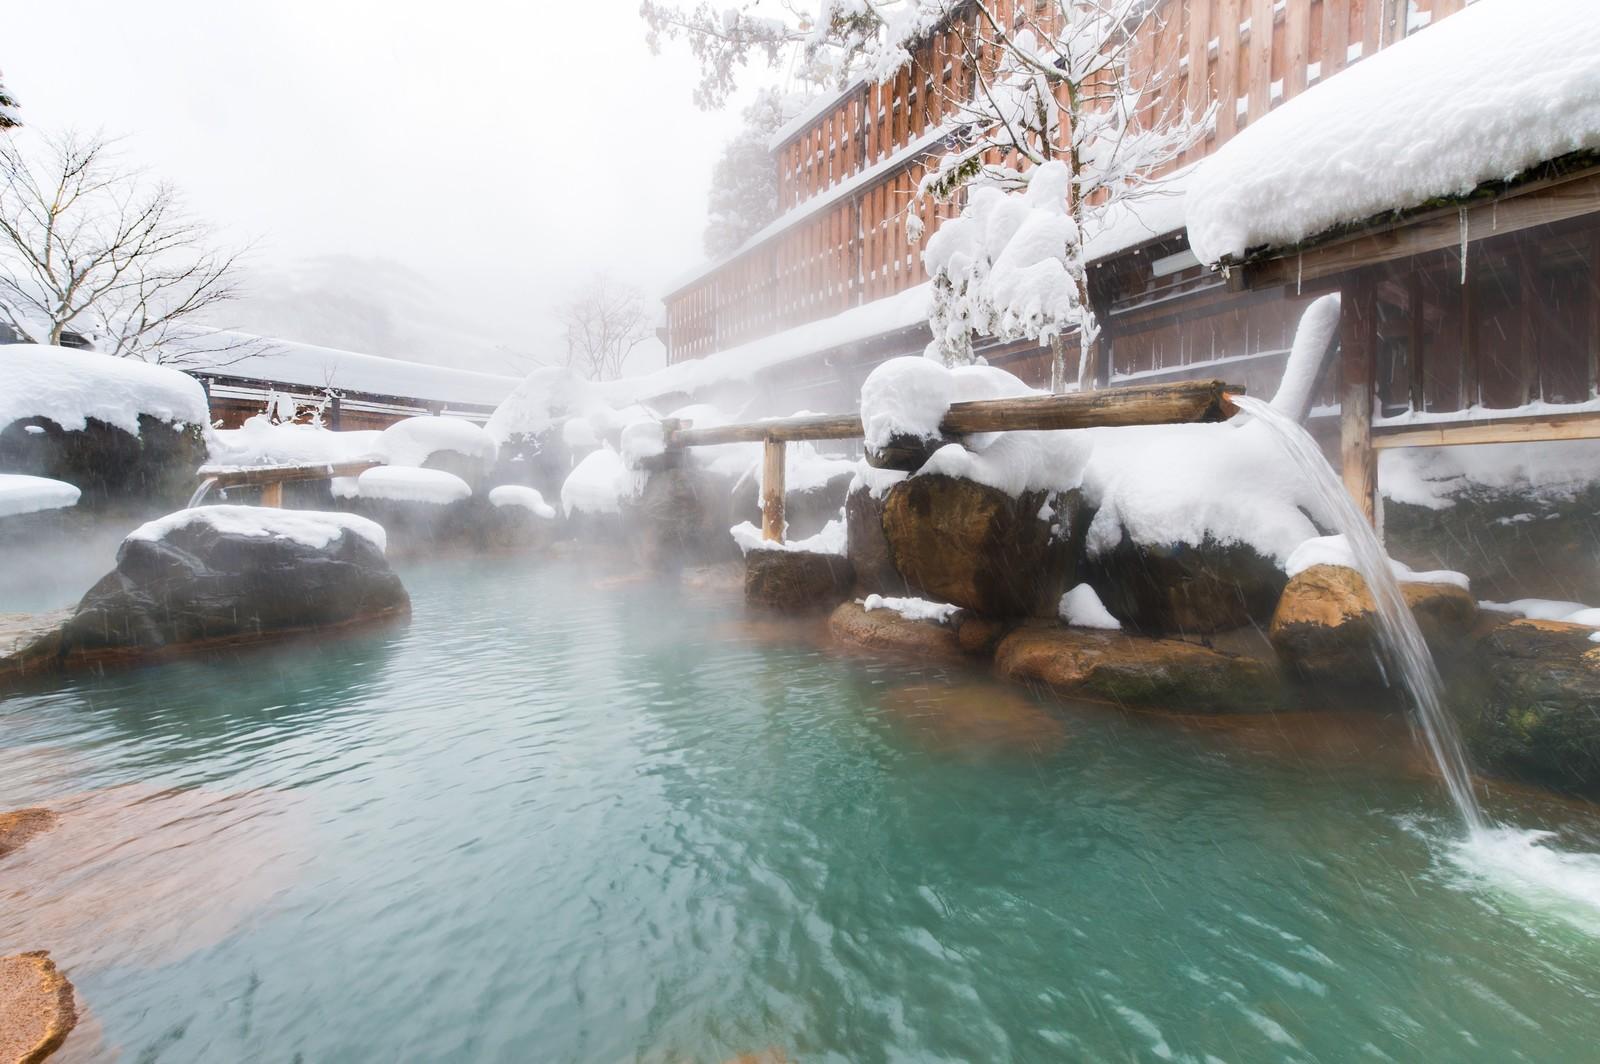 西の河原露天風呂のアクセスや料金は?開放感たっぷりの広い温泉が大人気!